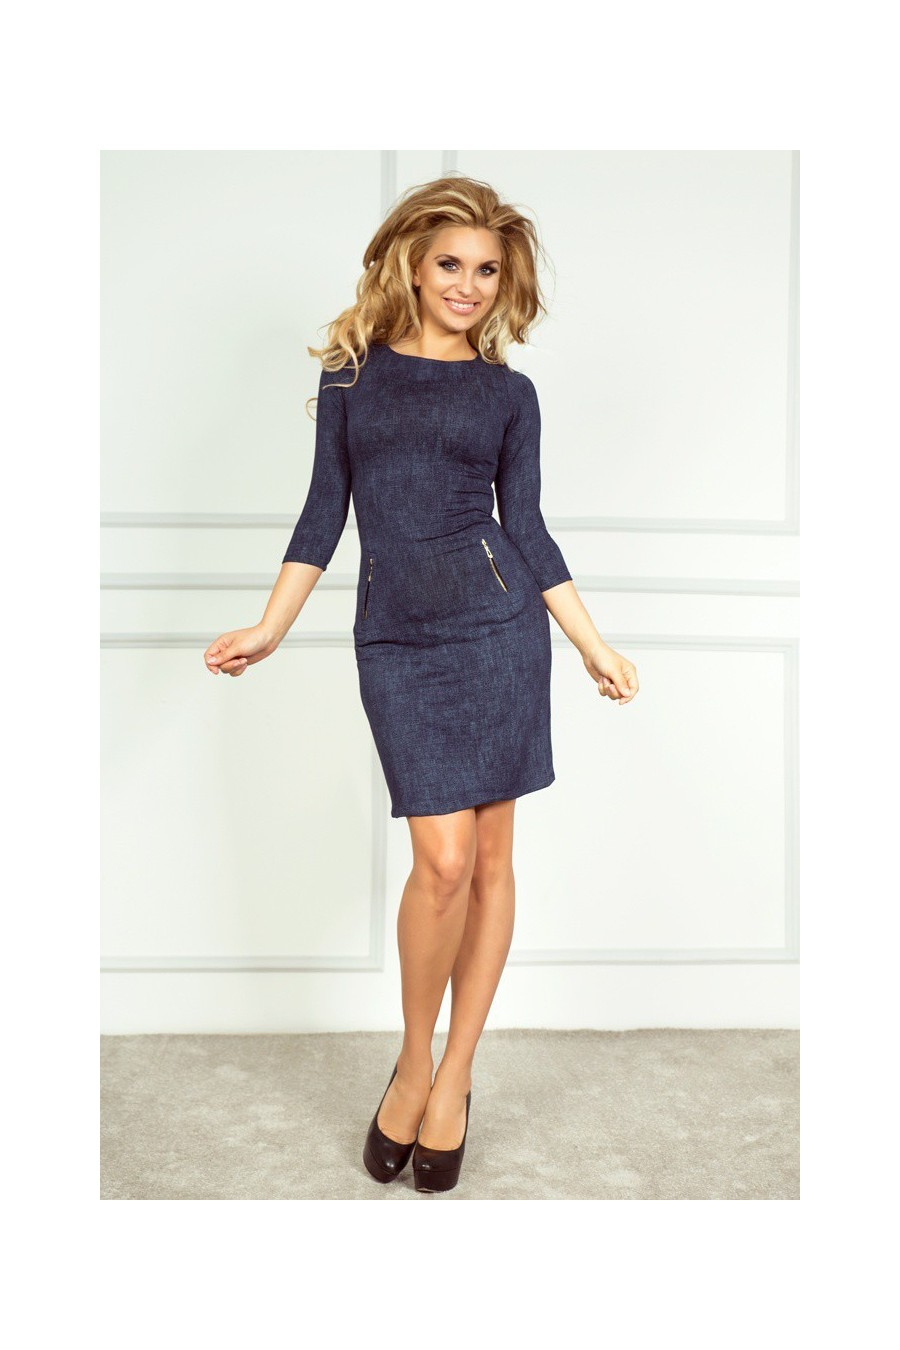 Šaty se zipy - Jeans tmave modre 38-5